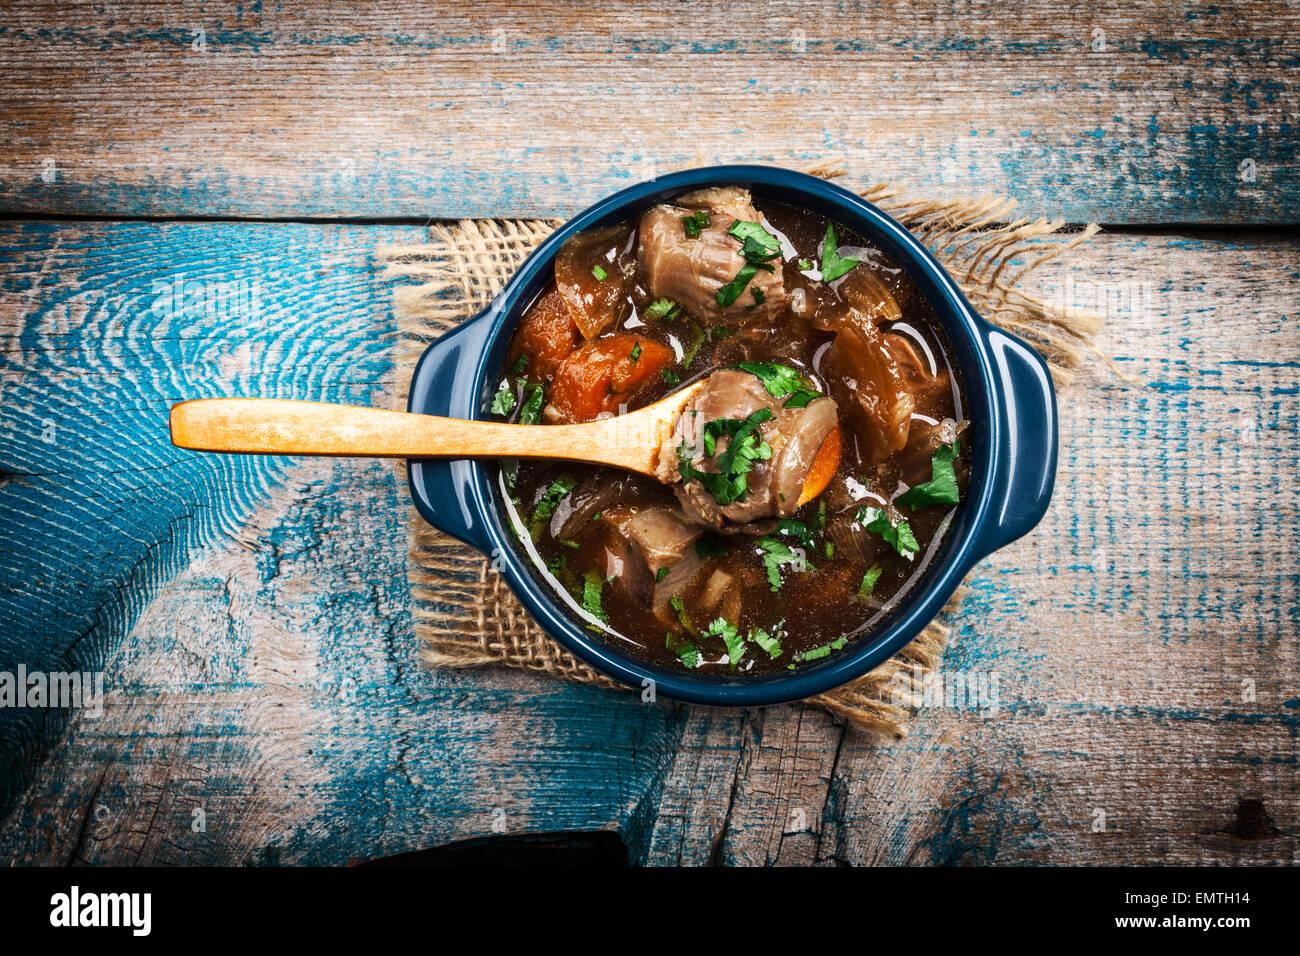 Ragoût de viande avec légumes et fines herbes sur la vieille table en bois Photo Stock